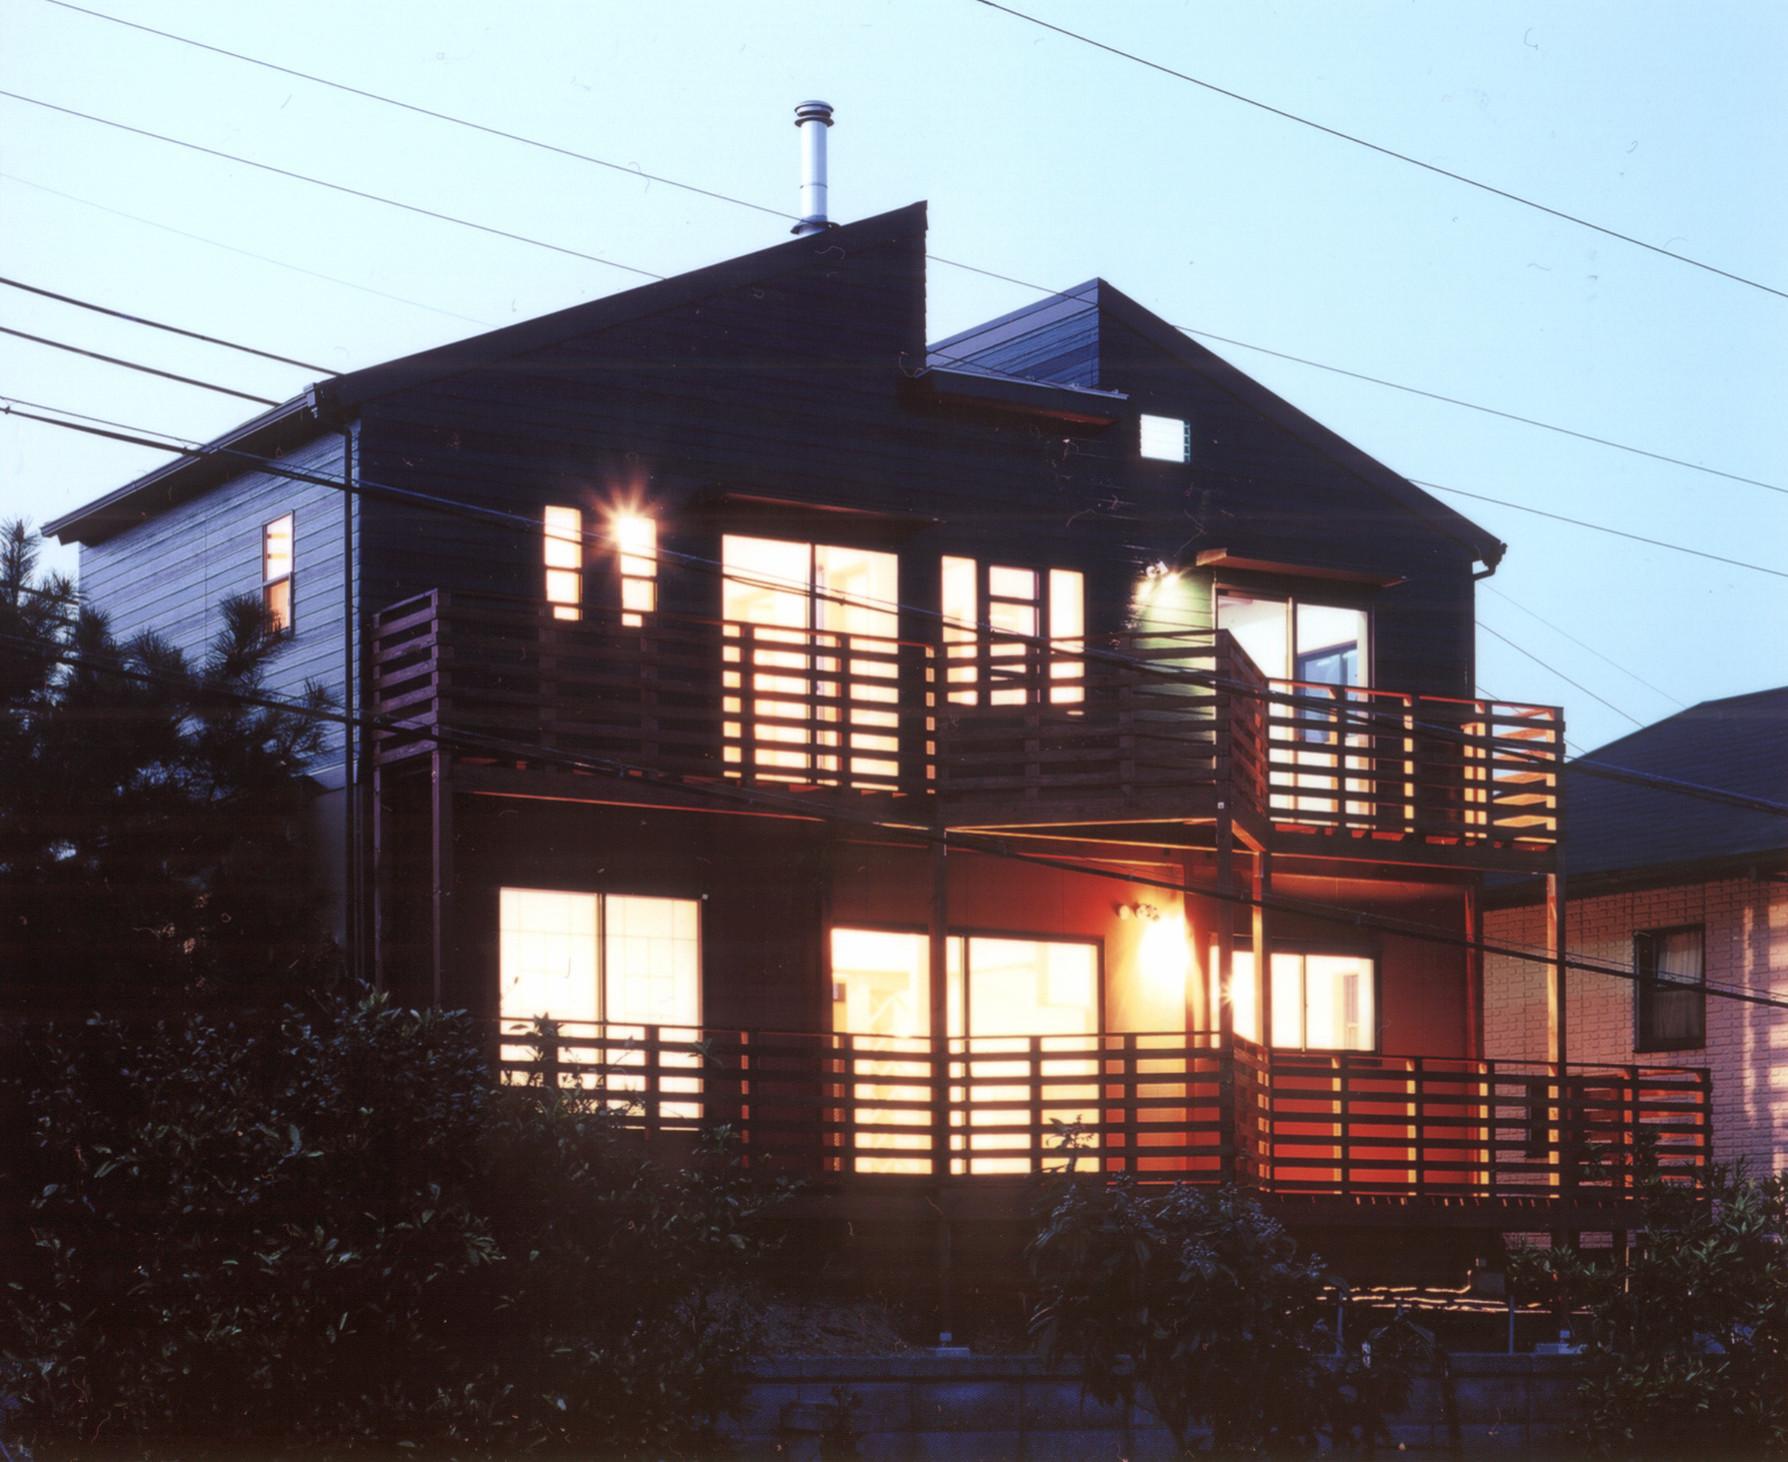 Spot-billed House